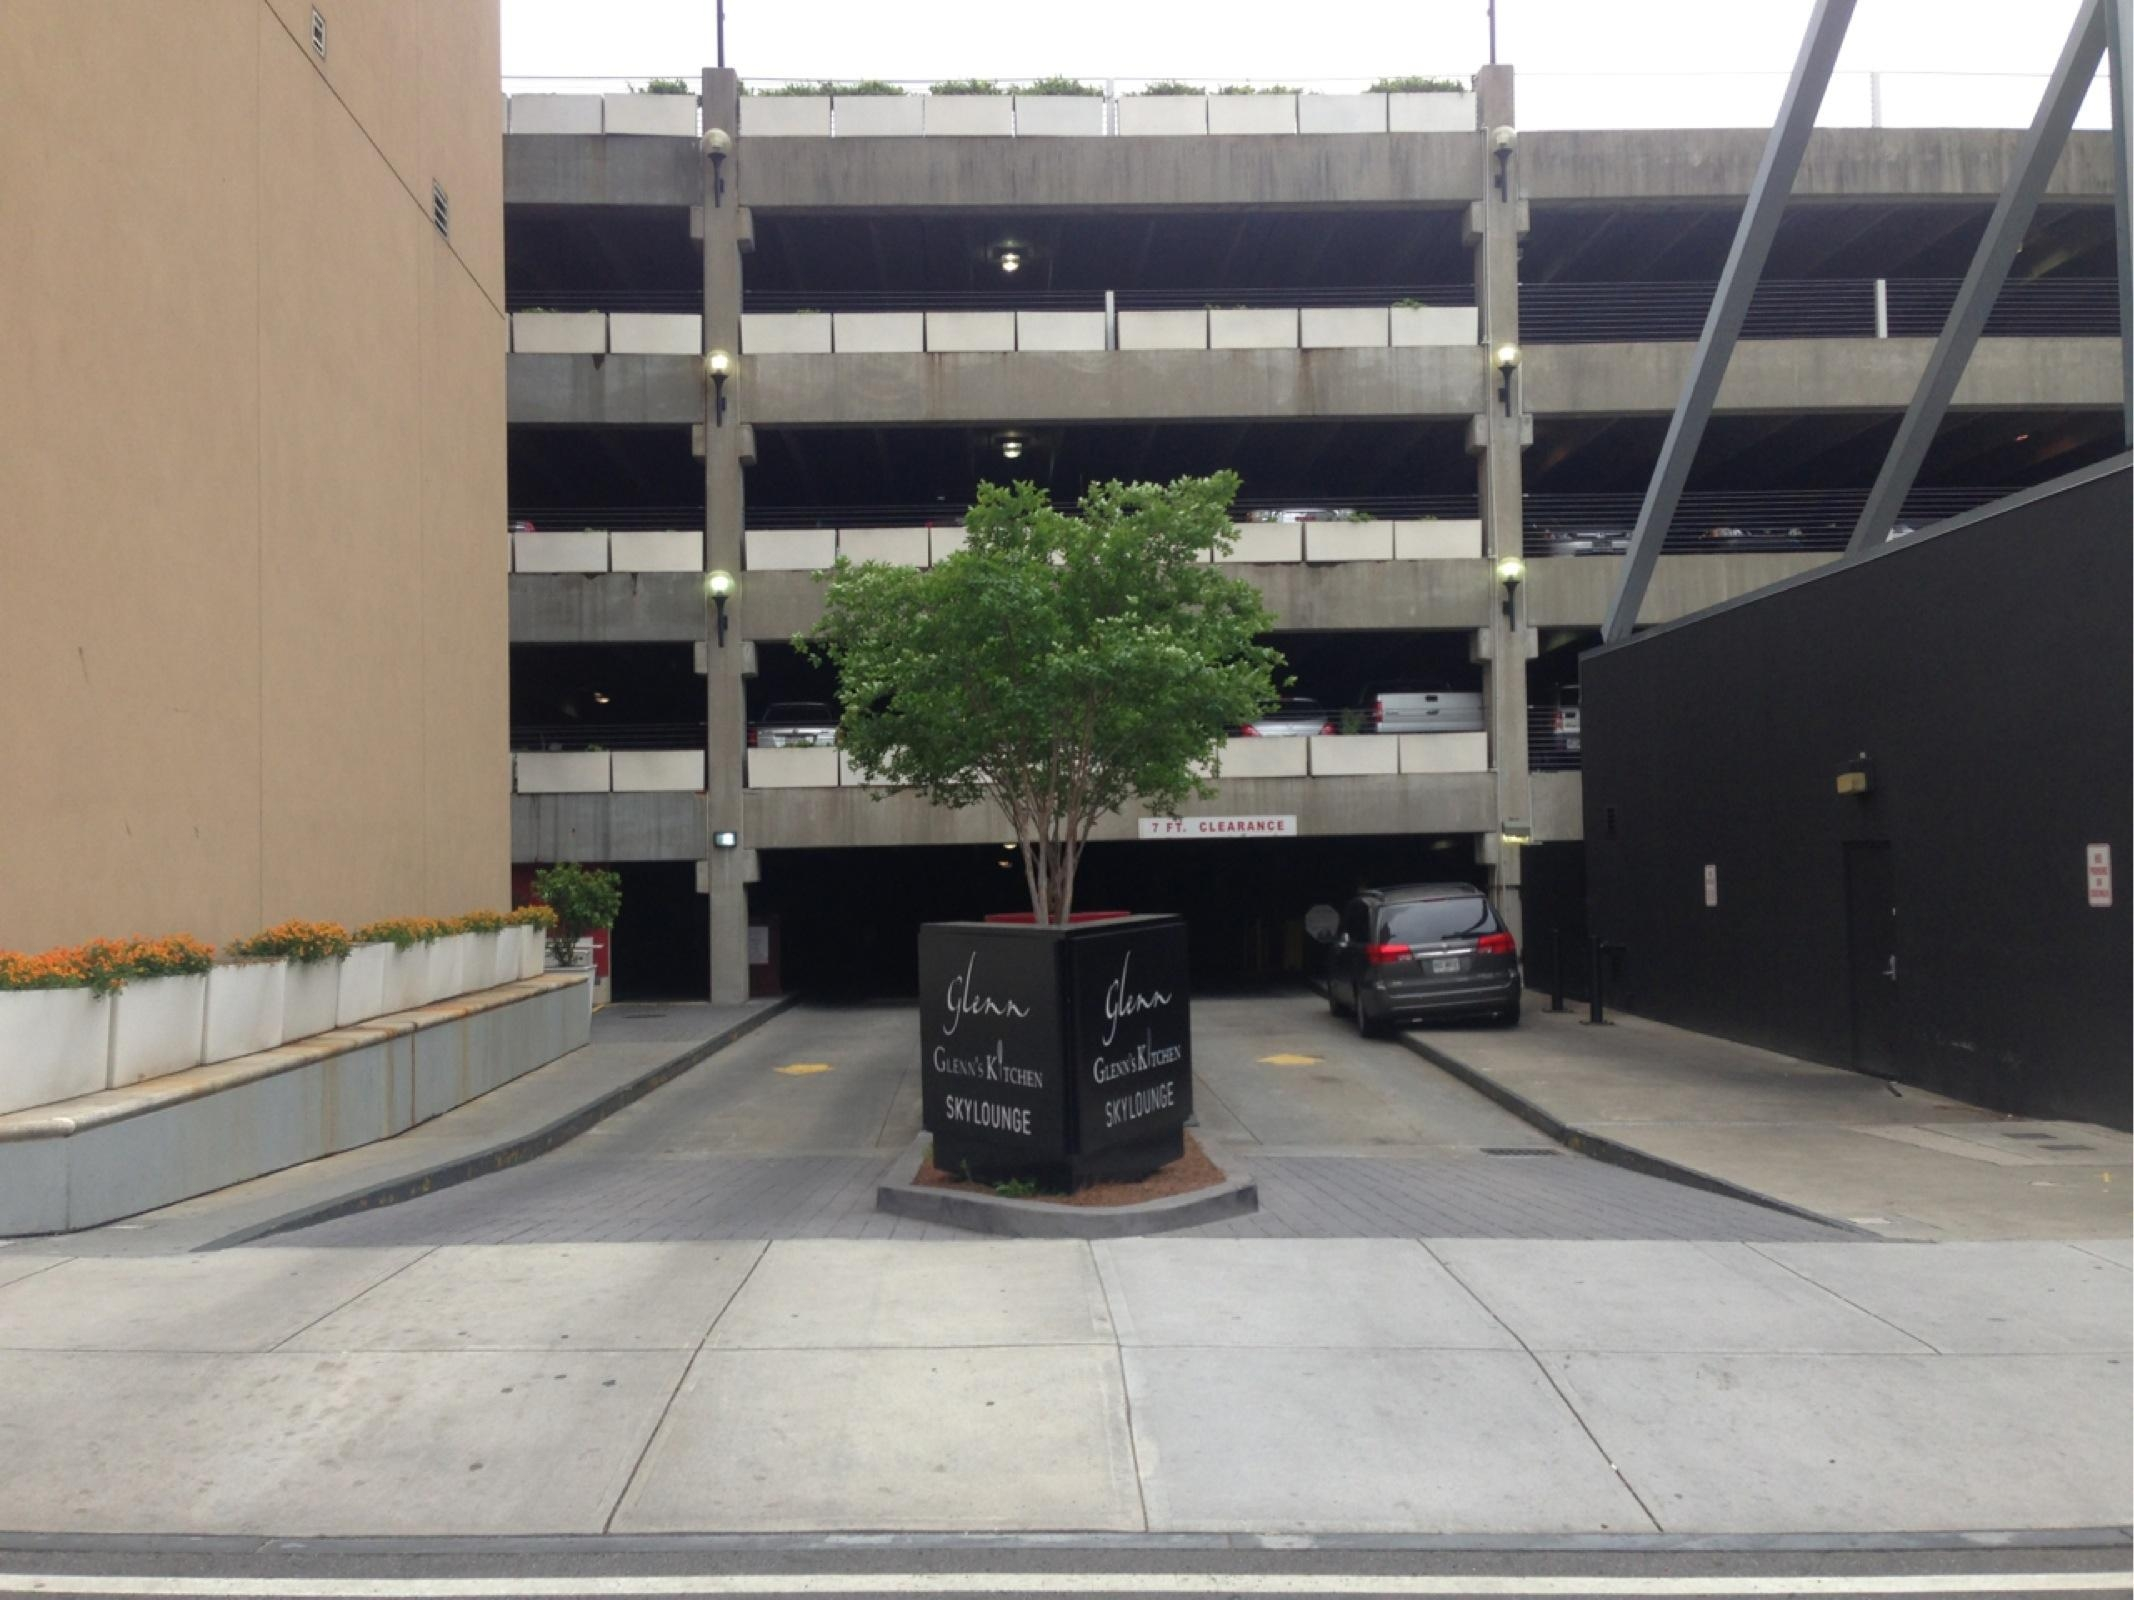 Statefarm Arena Sapphire Parking Deck Parking In Atlanta Parkme